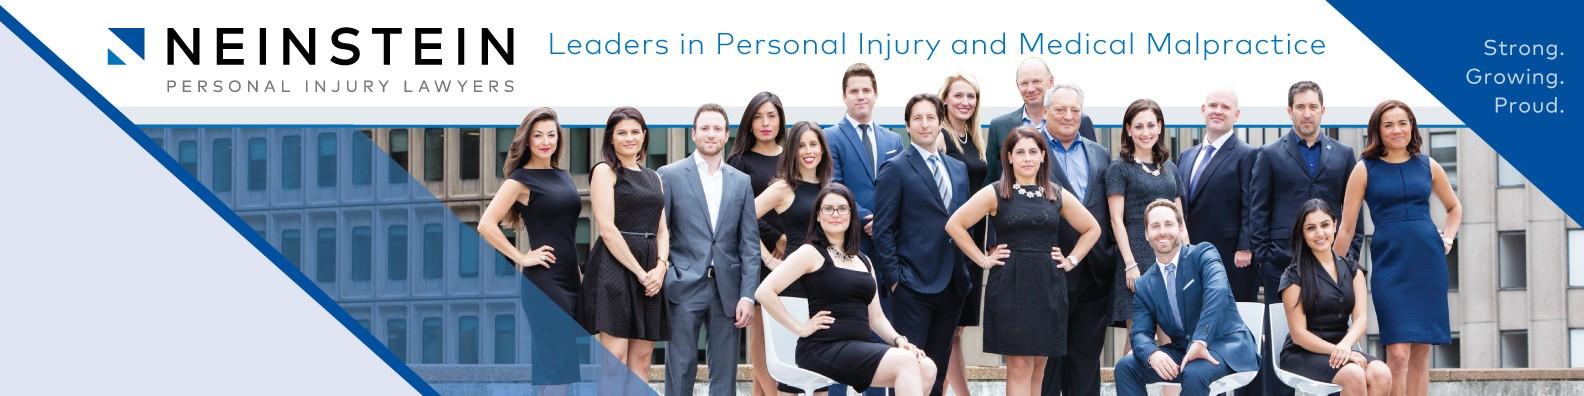 Neinstein Personal Injury Lawyers ...